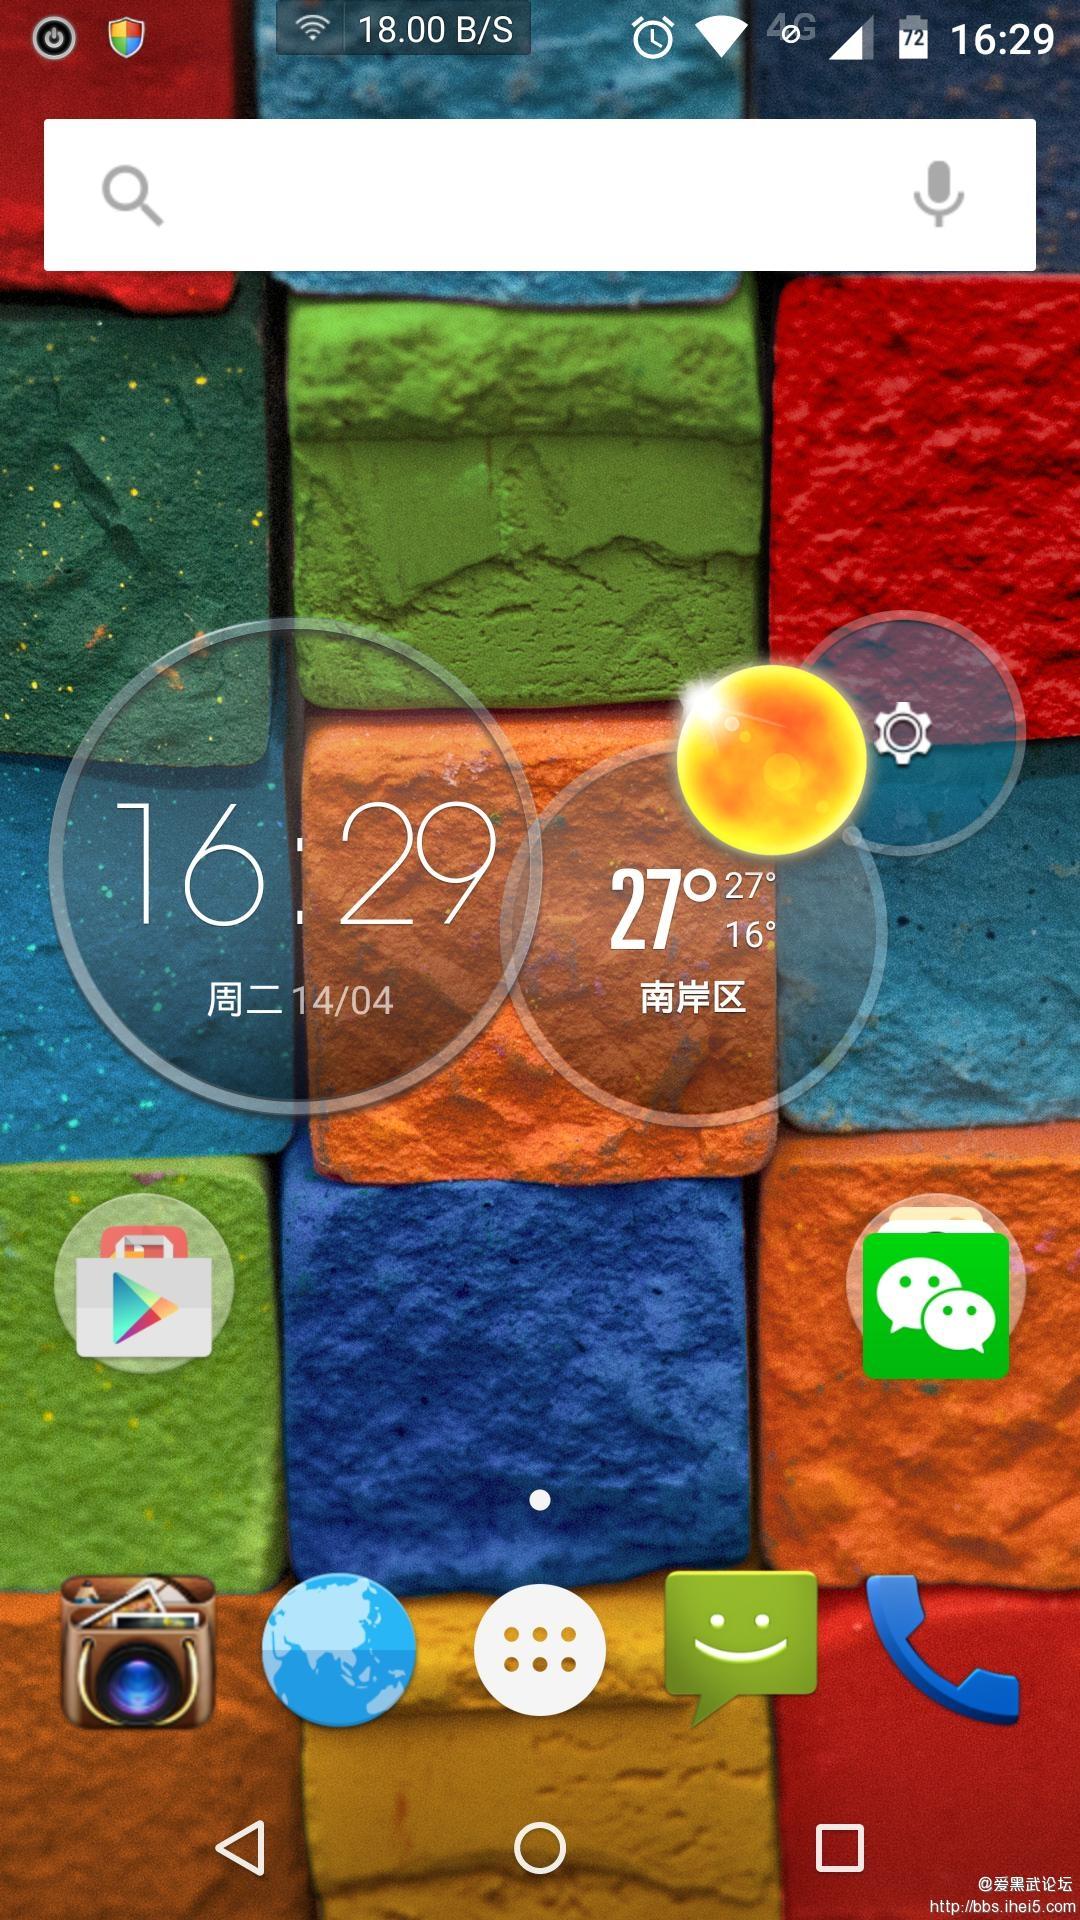 Screenshot_2015-04-14-16-29-06.JPG